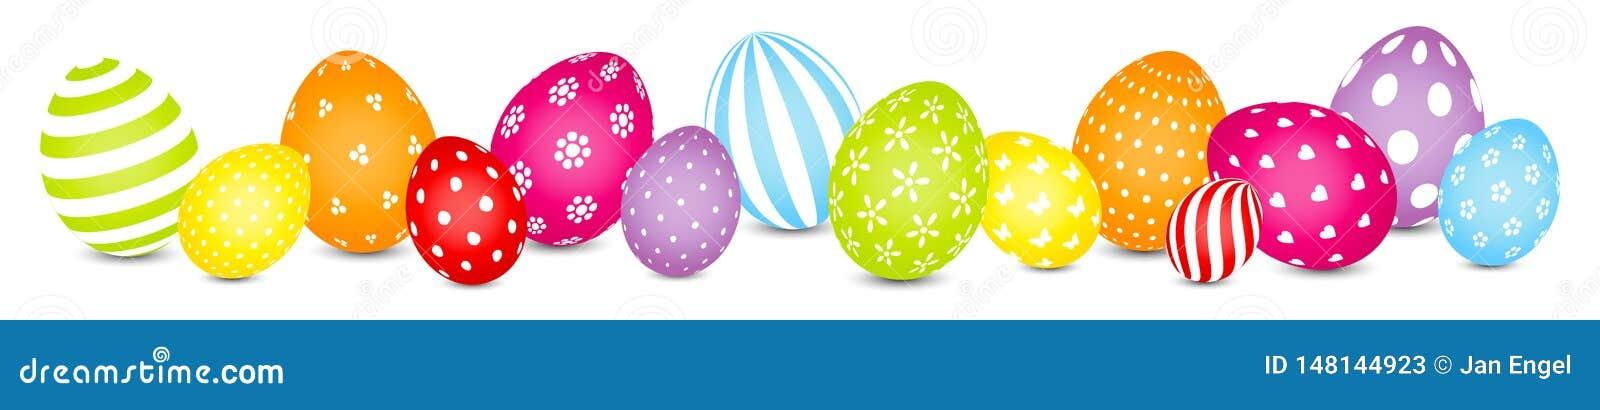 Έμβλημα χρώματος ουράνιων τόξων σχεδίων μιγμάτων αυγών Πάσχας